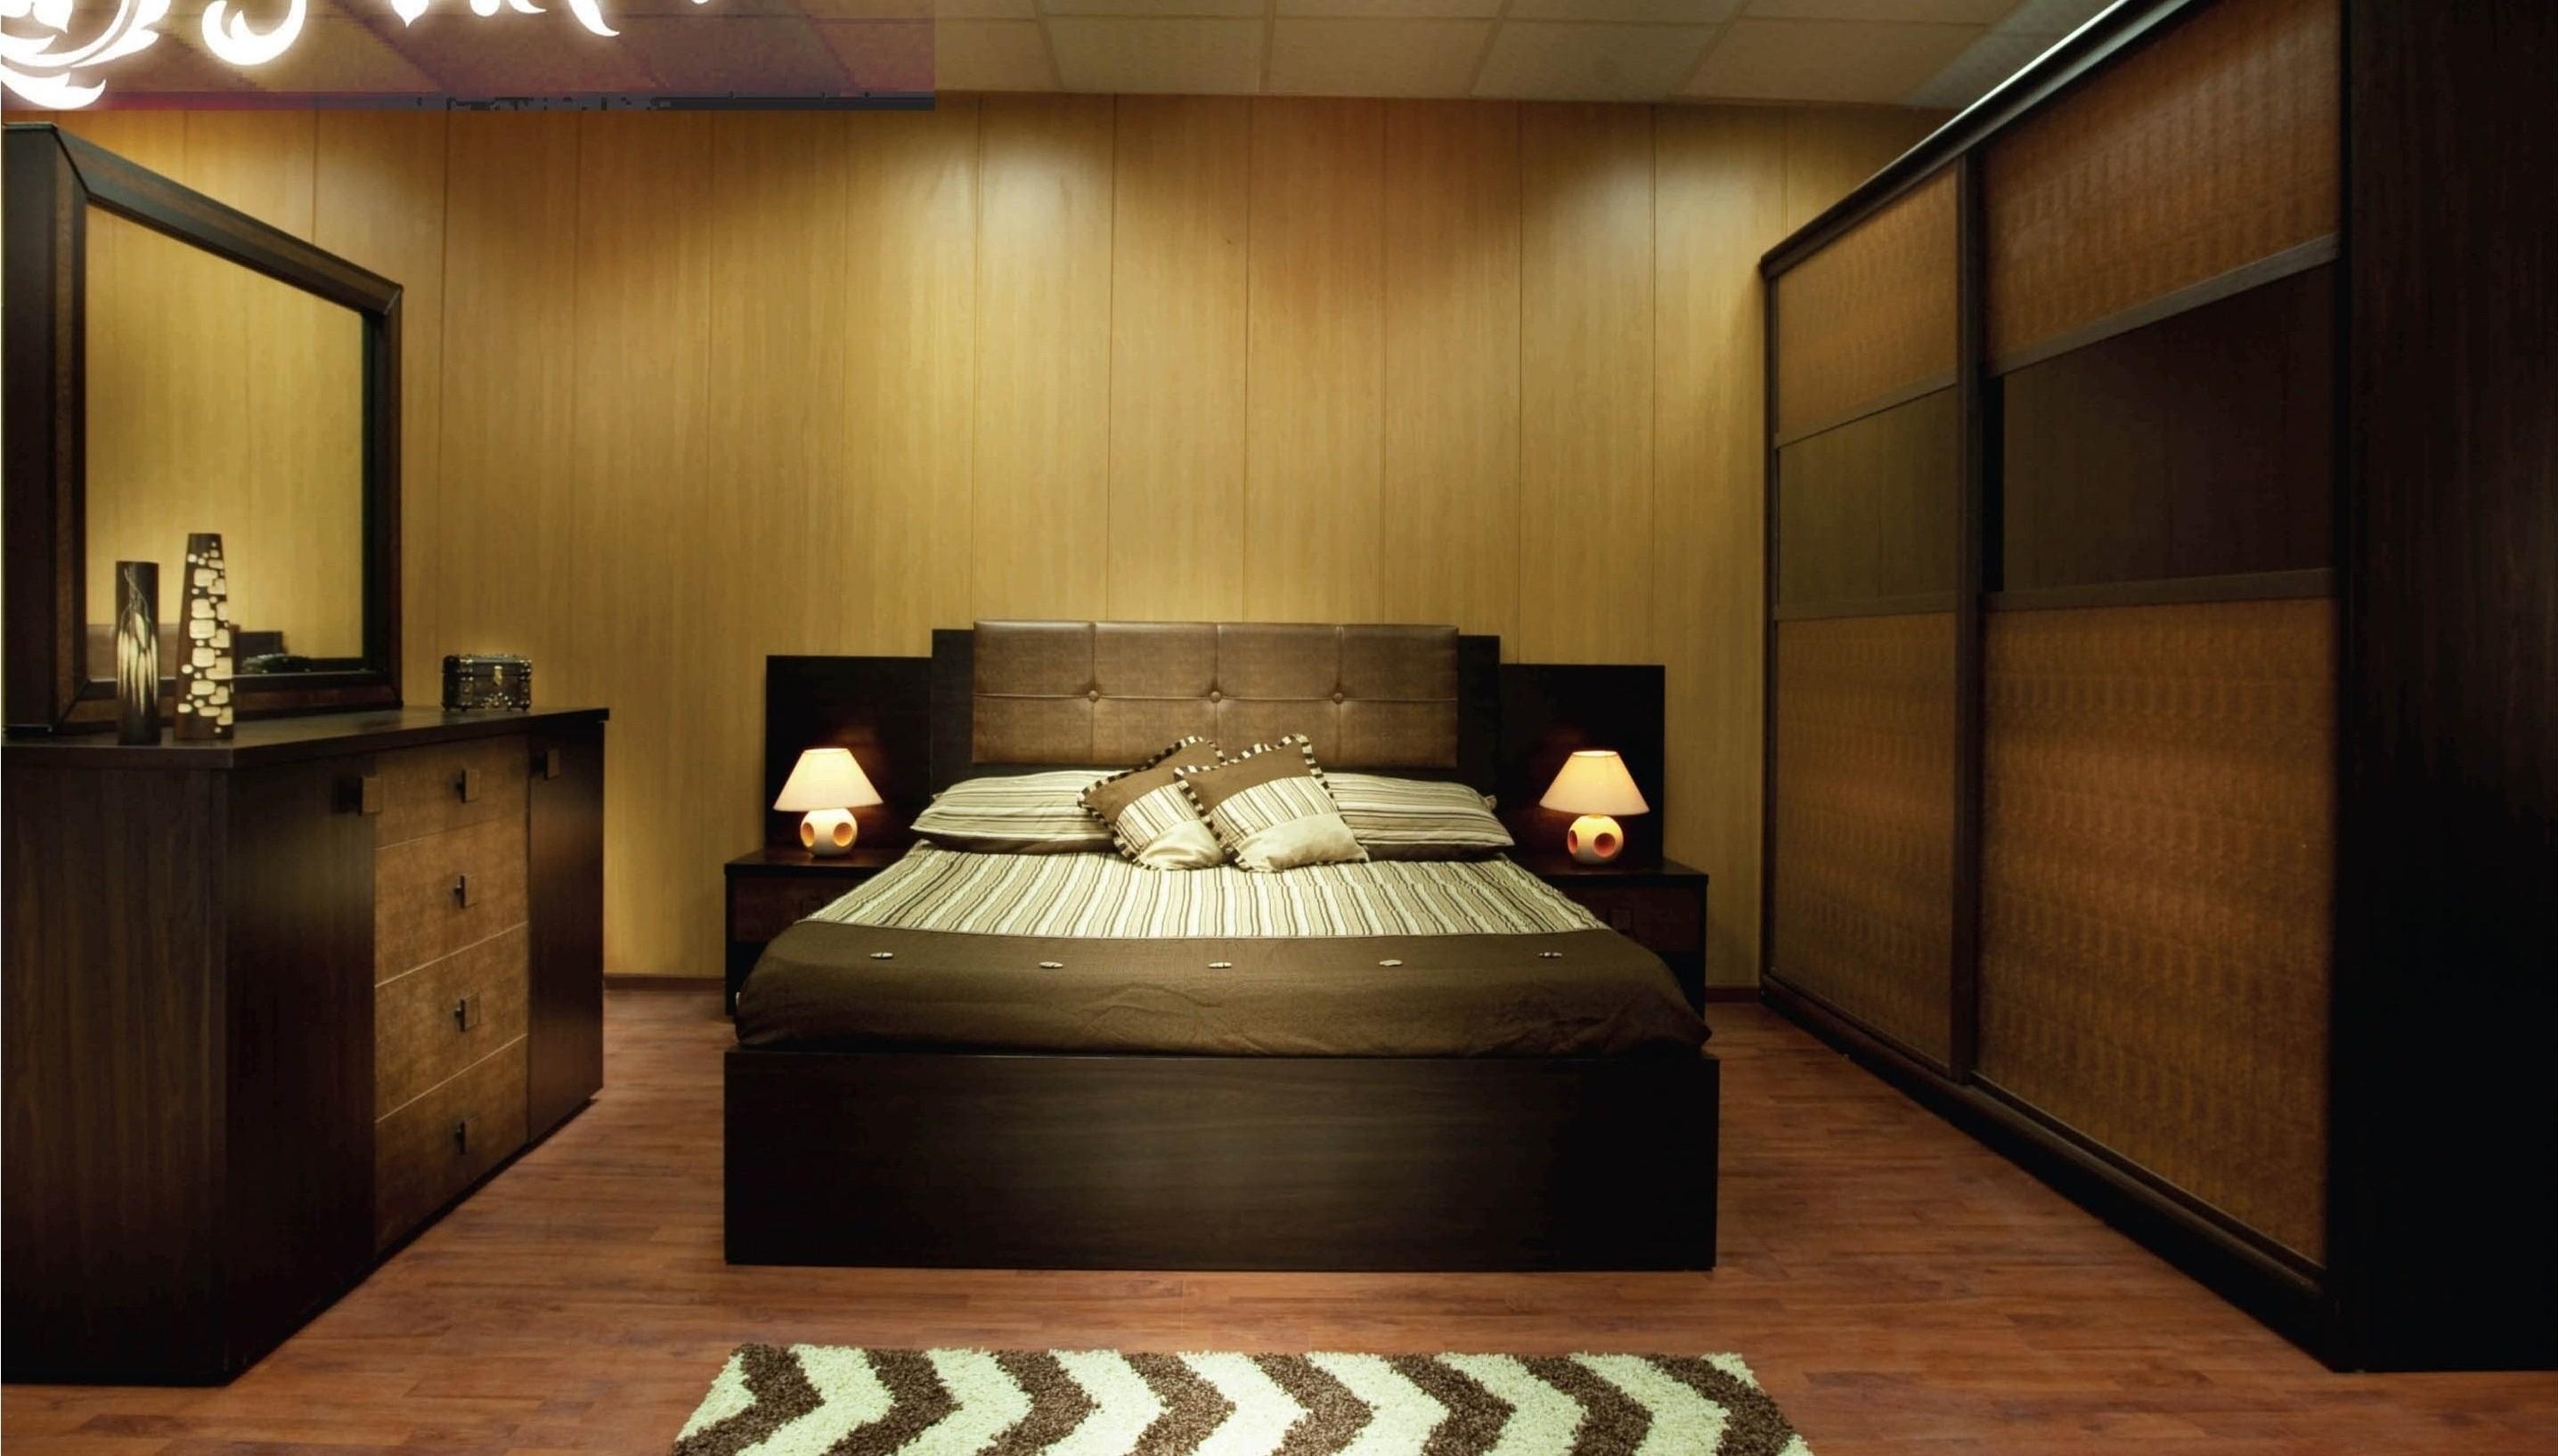 بالصور ديكور غرف النوم , احدث الديكورات لغرفة نوم 2331 8